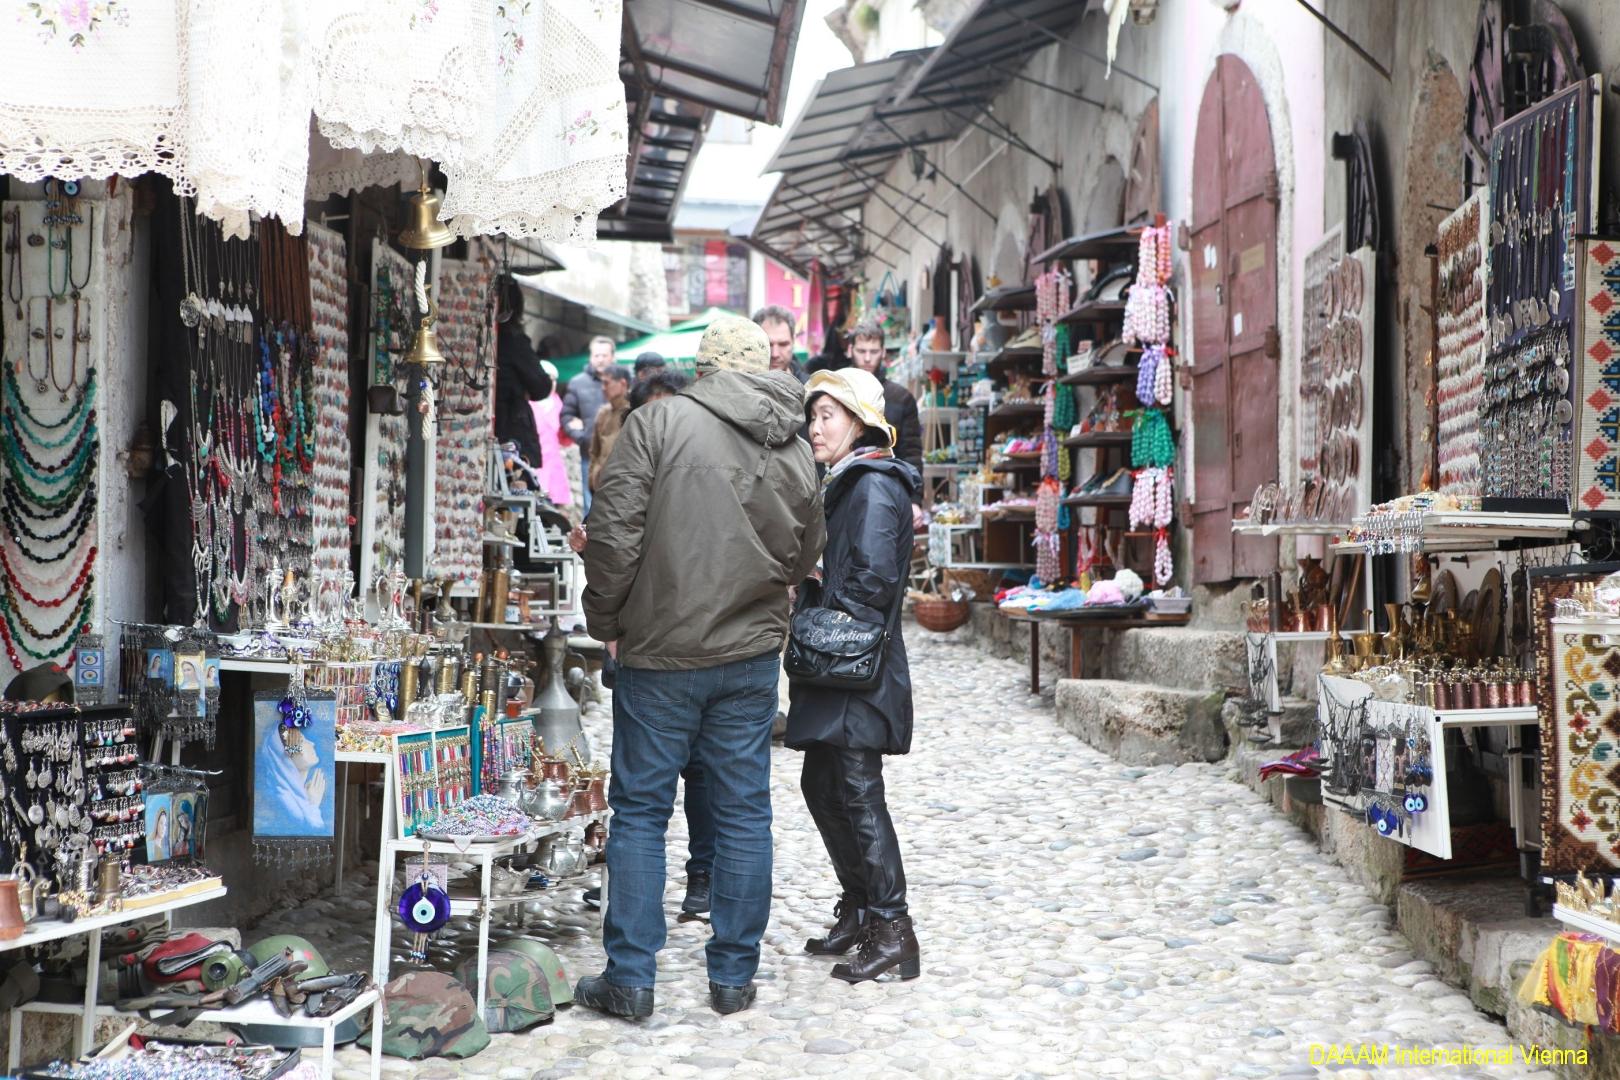 DAAAM_2016_Mostar_01_Magic_City_of_Mostar_089